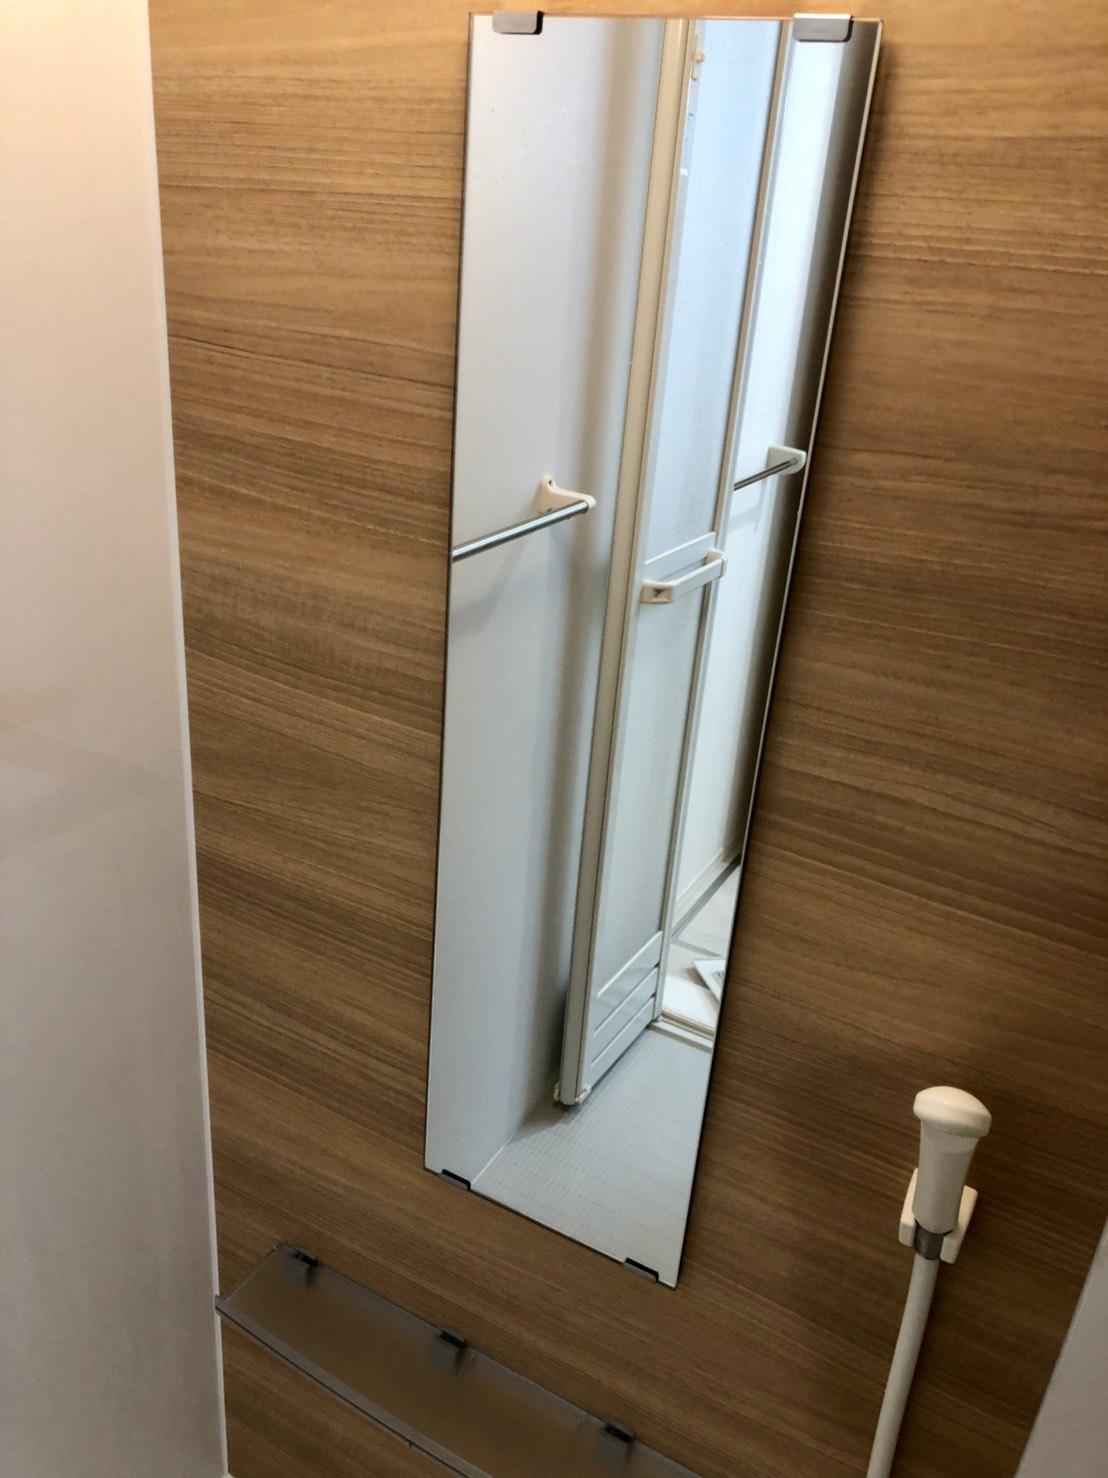 神奈川県藤沢市 T様 浴室クリーニング